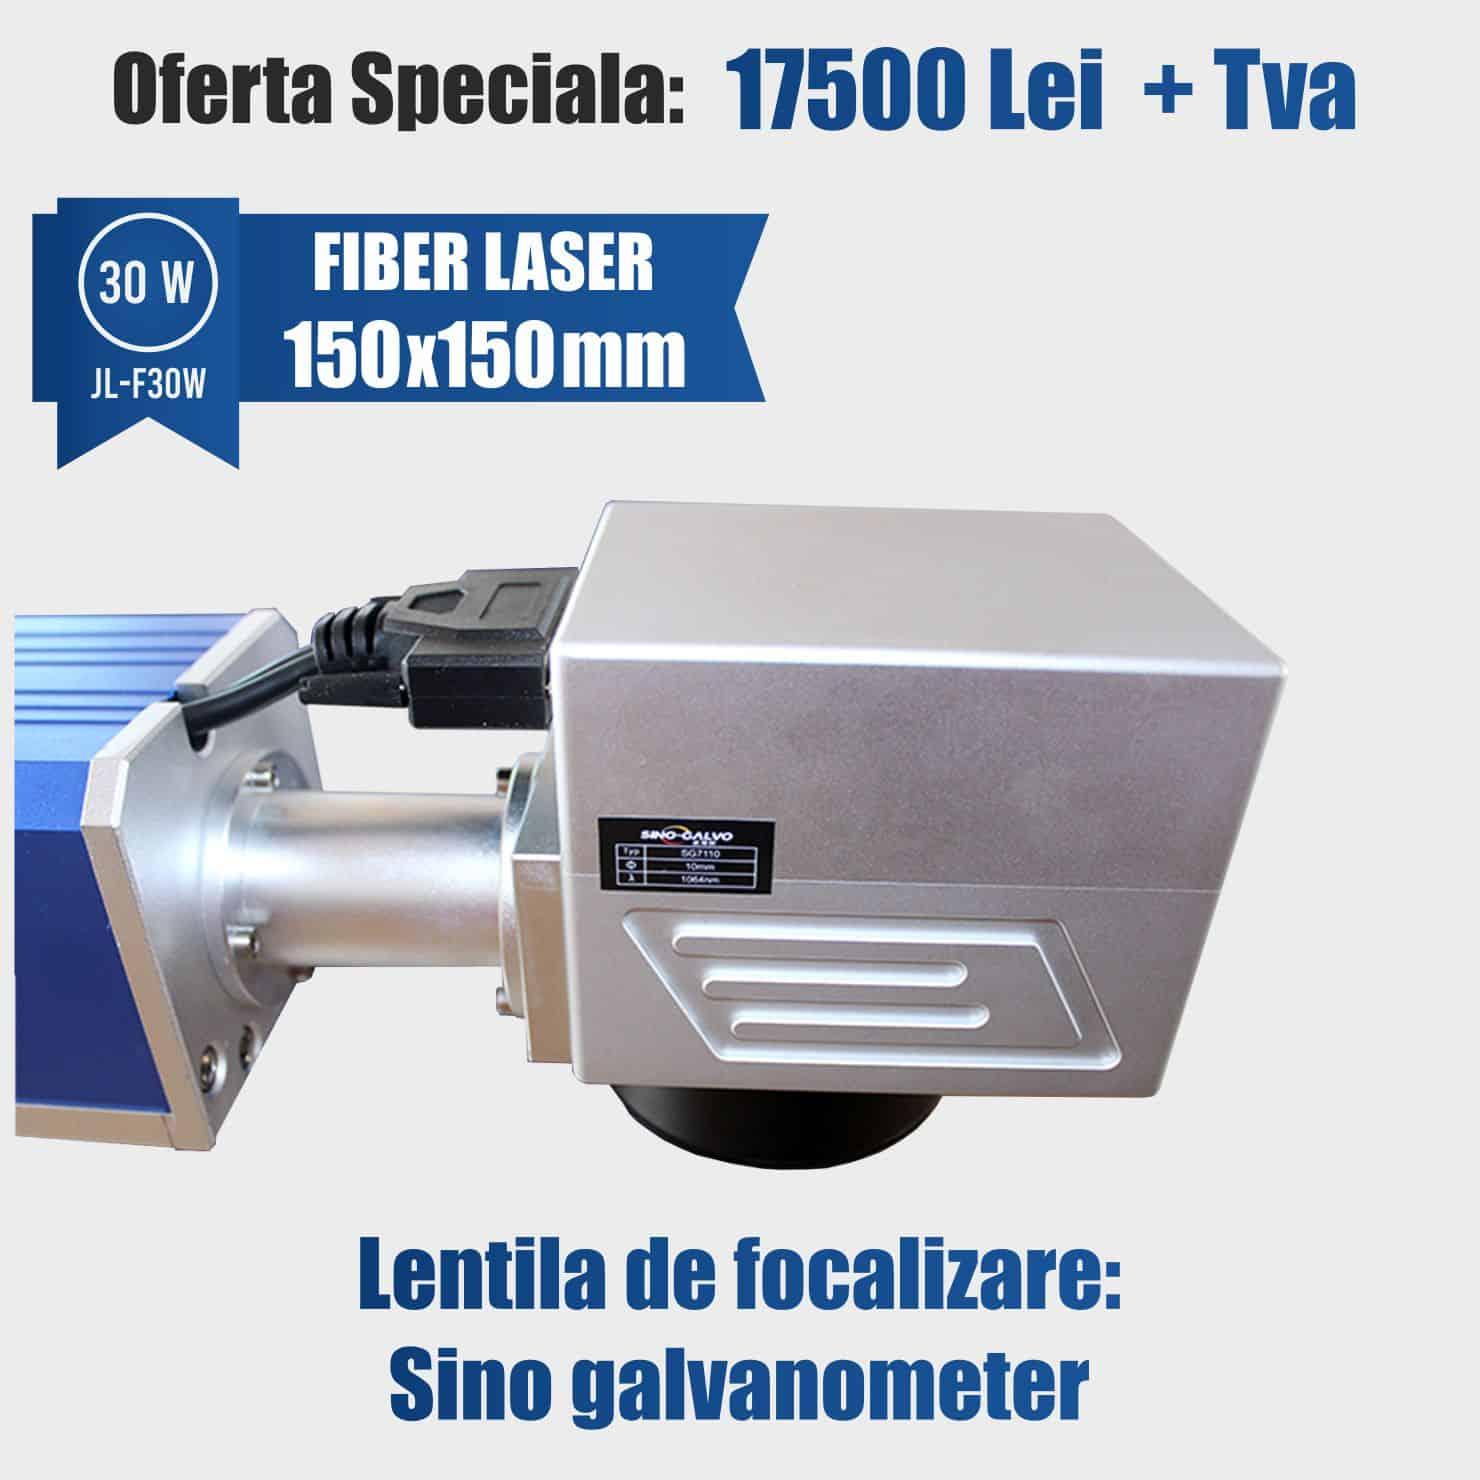 fiber laser 30w desktop